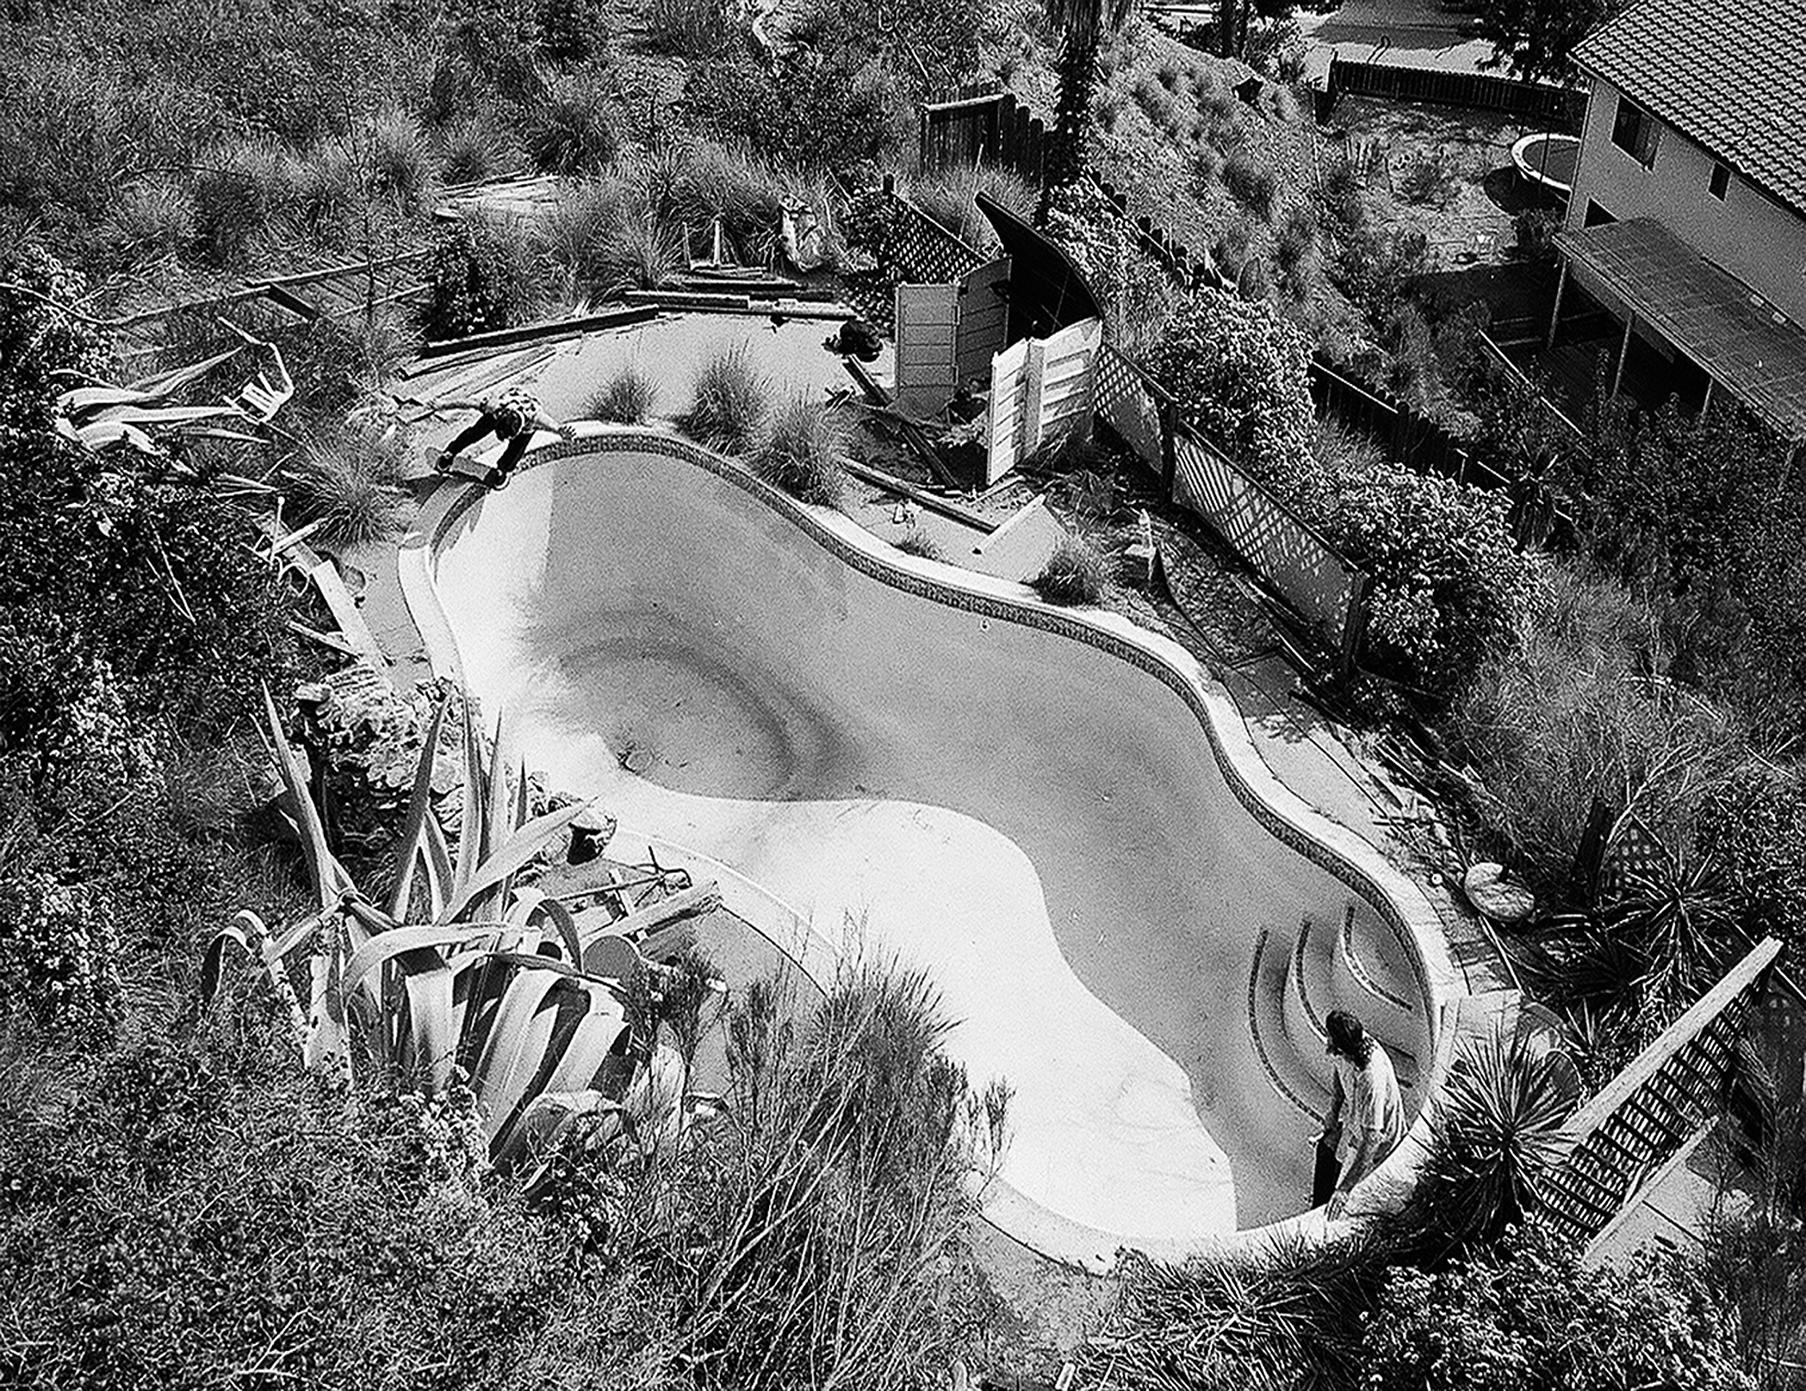 Goop Pool 35mm Film.jpg